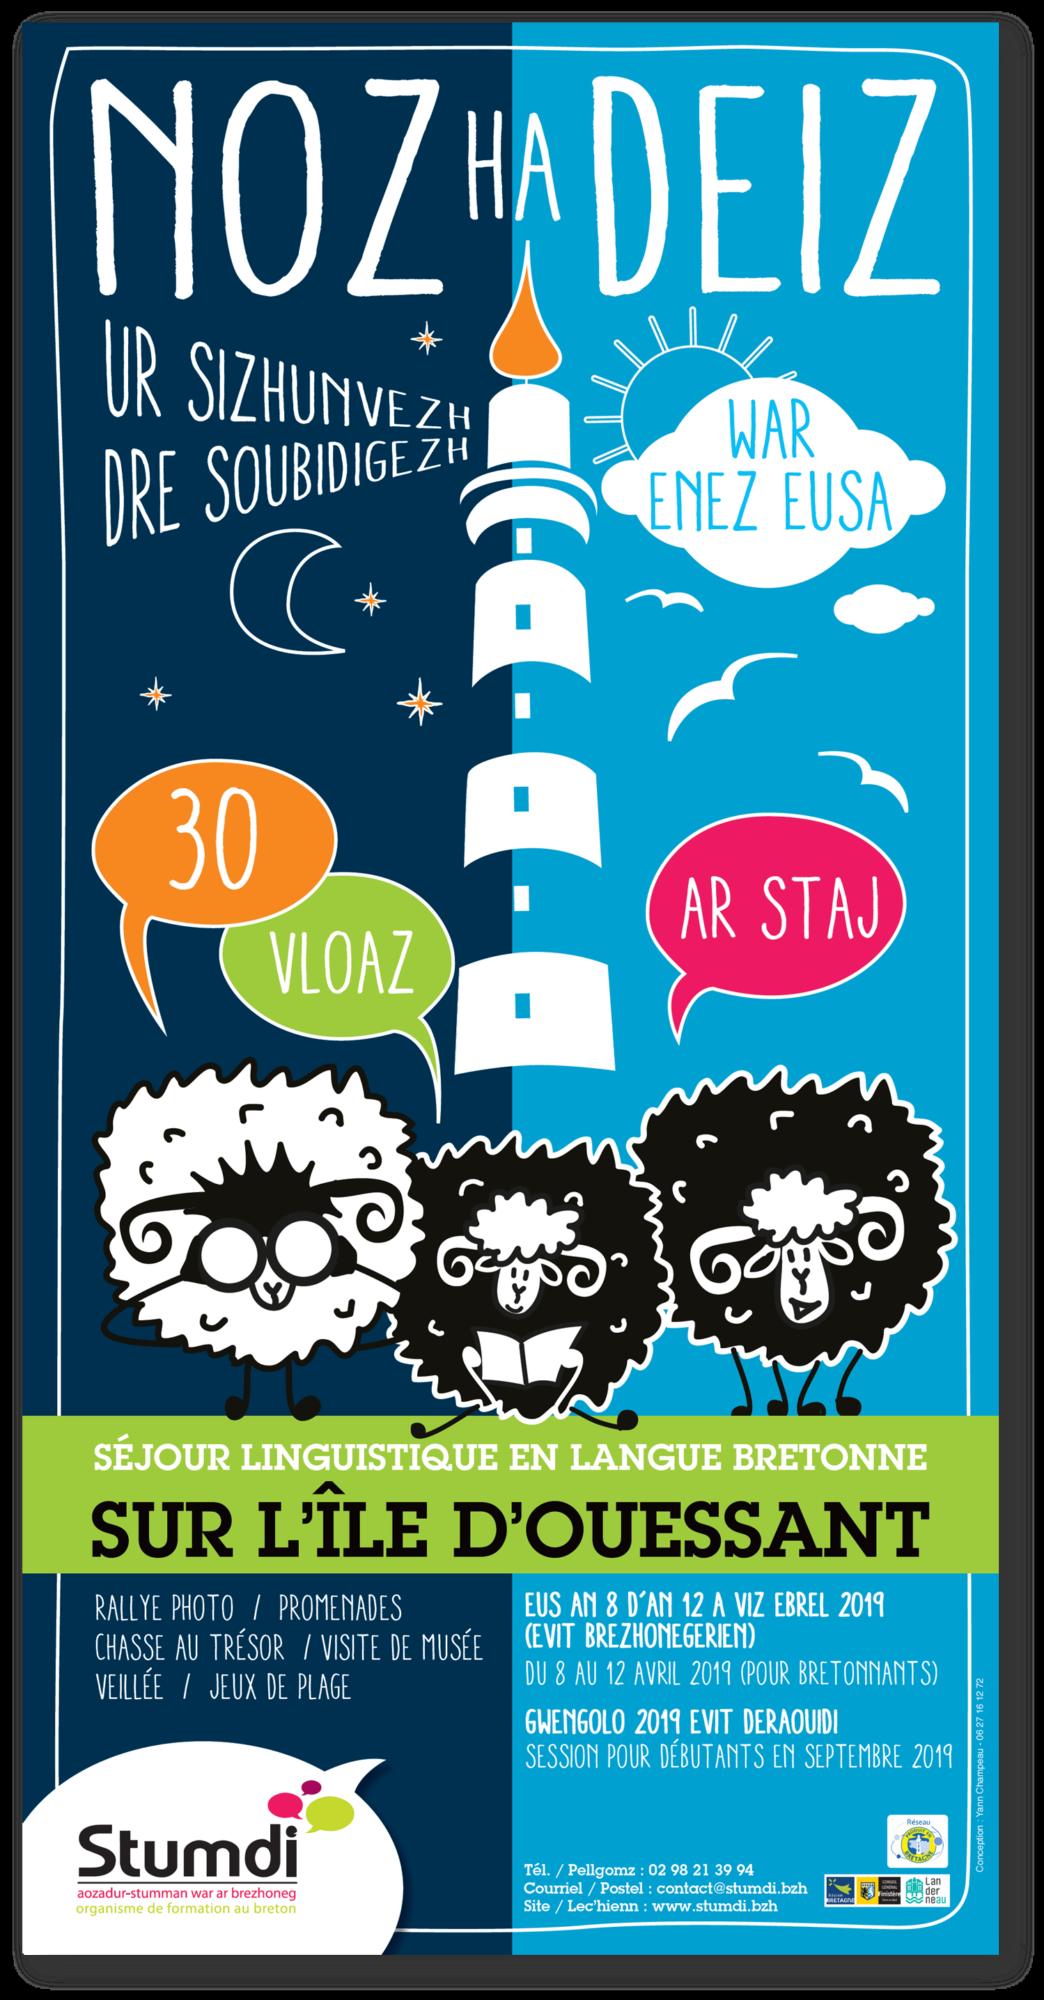 Eusa-Ouessant -Stumdi centre de formation en langue bretonne